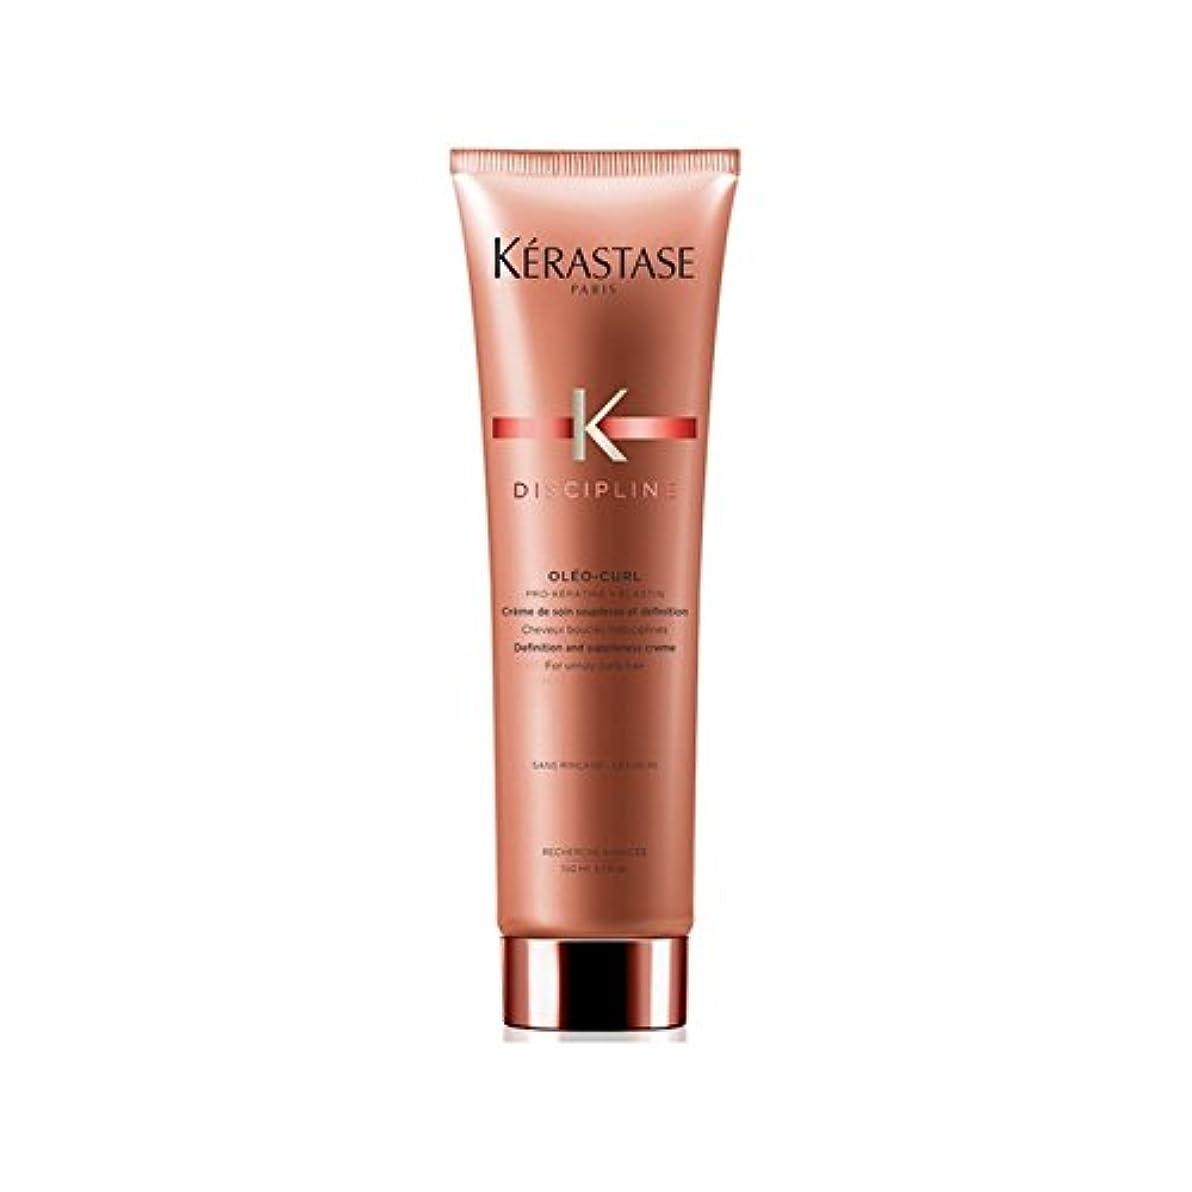 バーター新年大胆K?rastase Discipline Curl Ideal Cleansing Conditioner 400ml (Pack of 6) - 理想的なクレンジングコンディショナー400ミリリットルカールケラスターゼ...